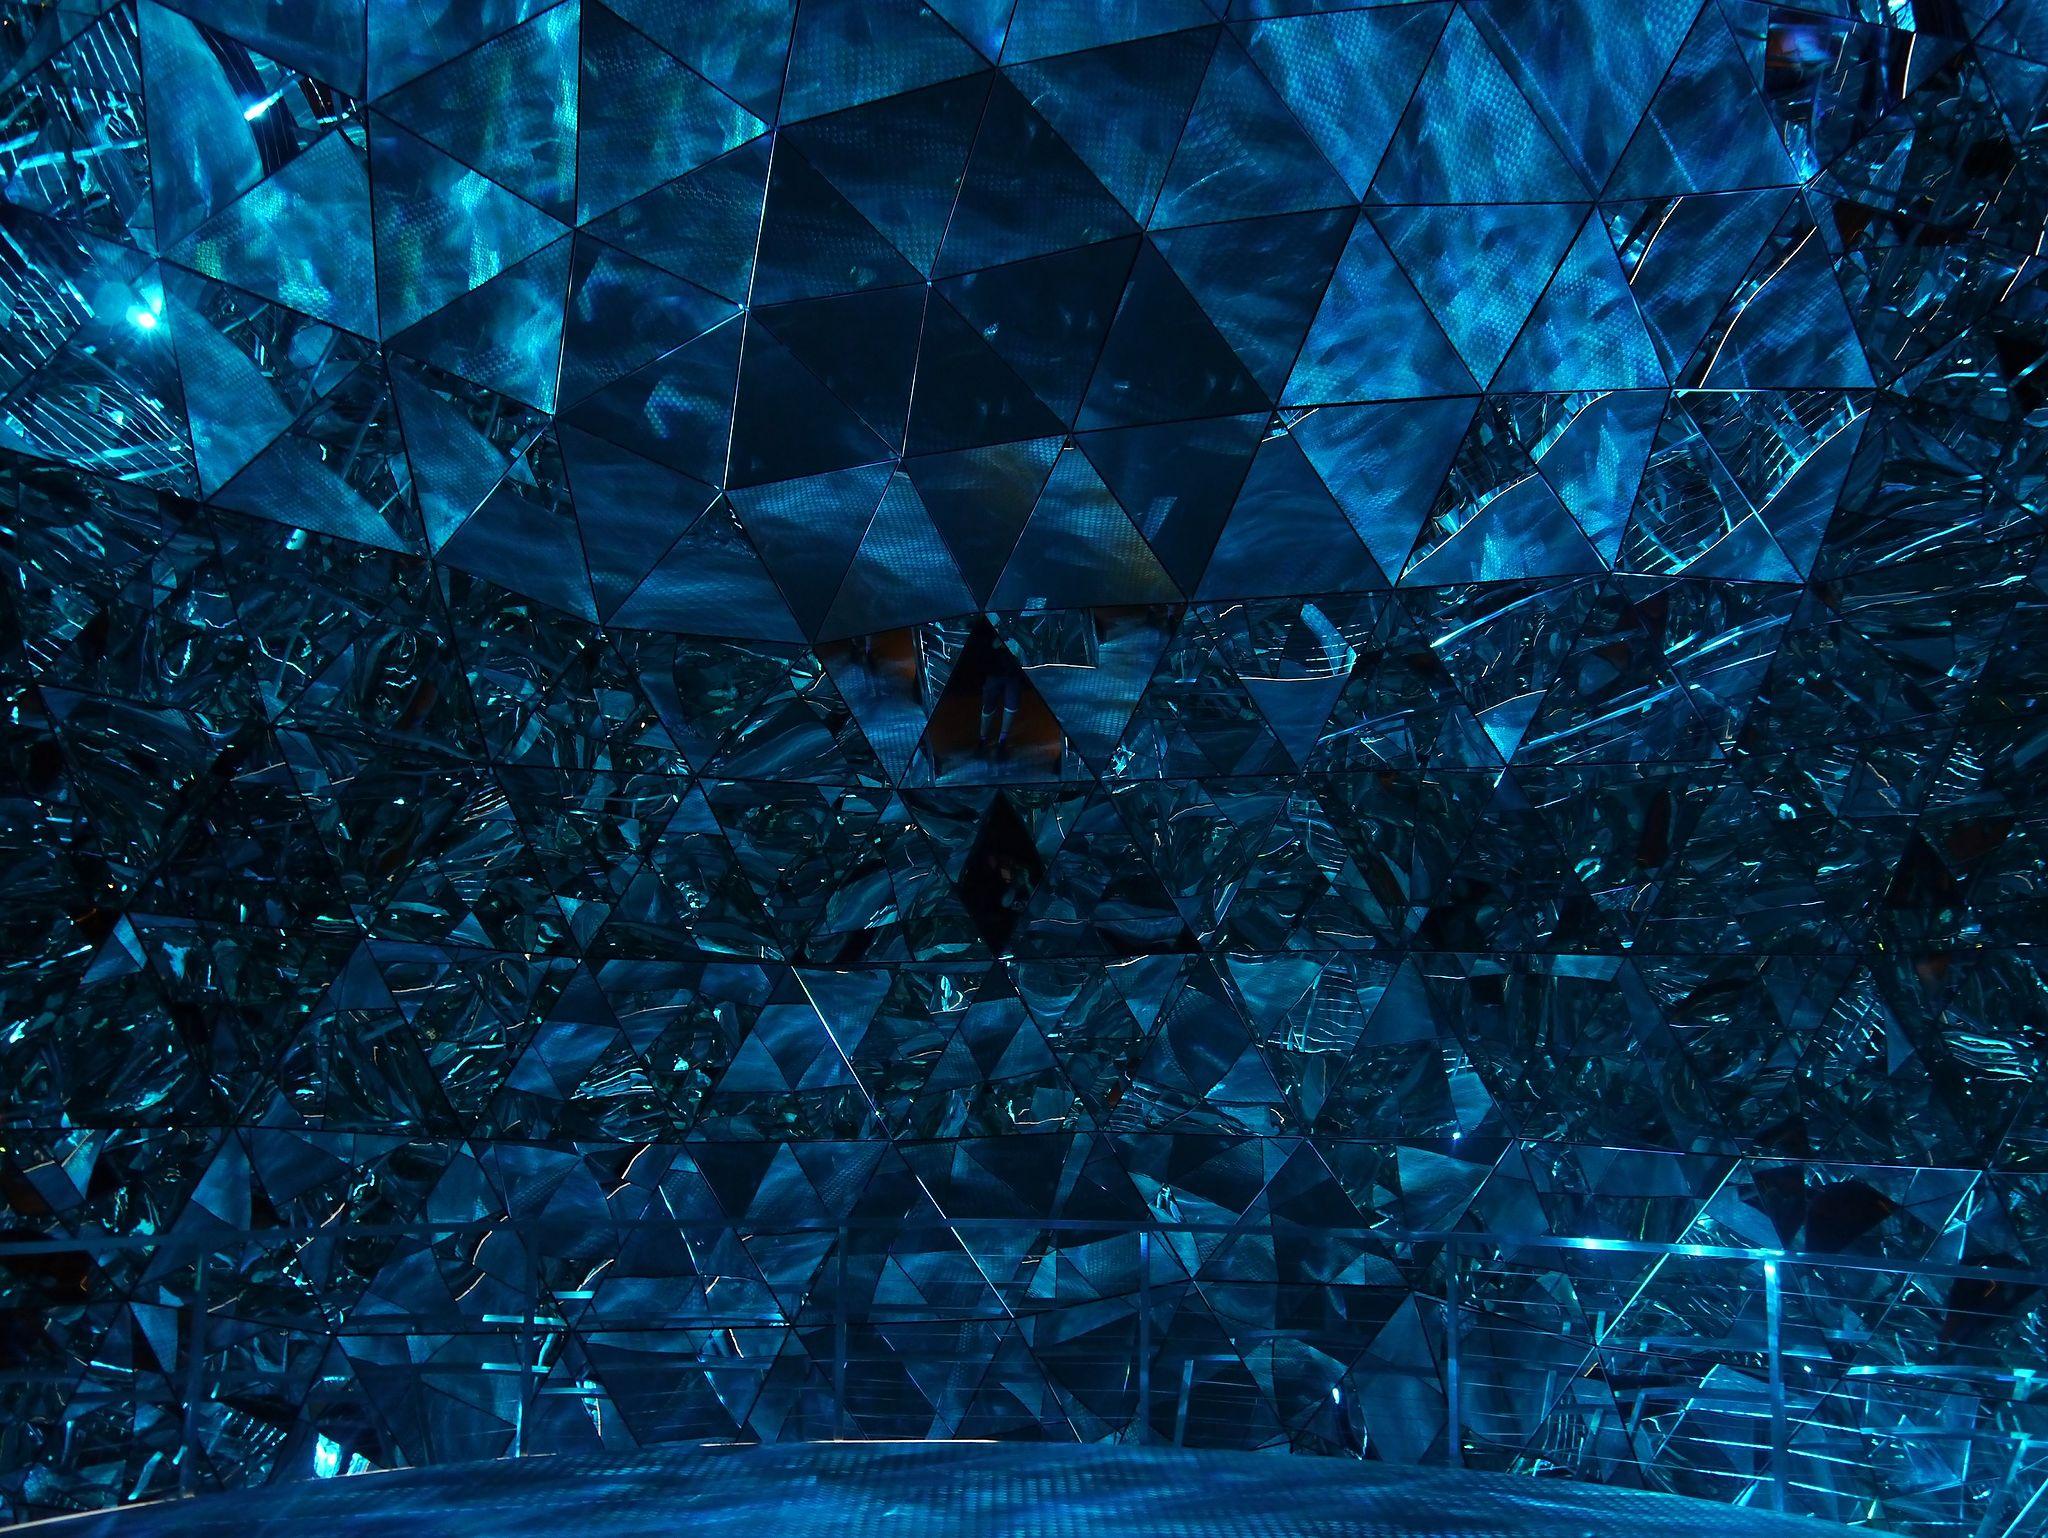 Swarovski Kristallwelten 21 Kristalldom